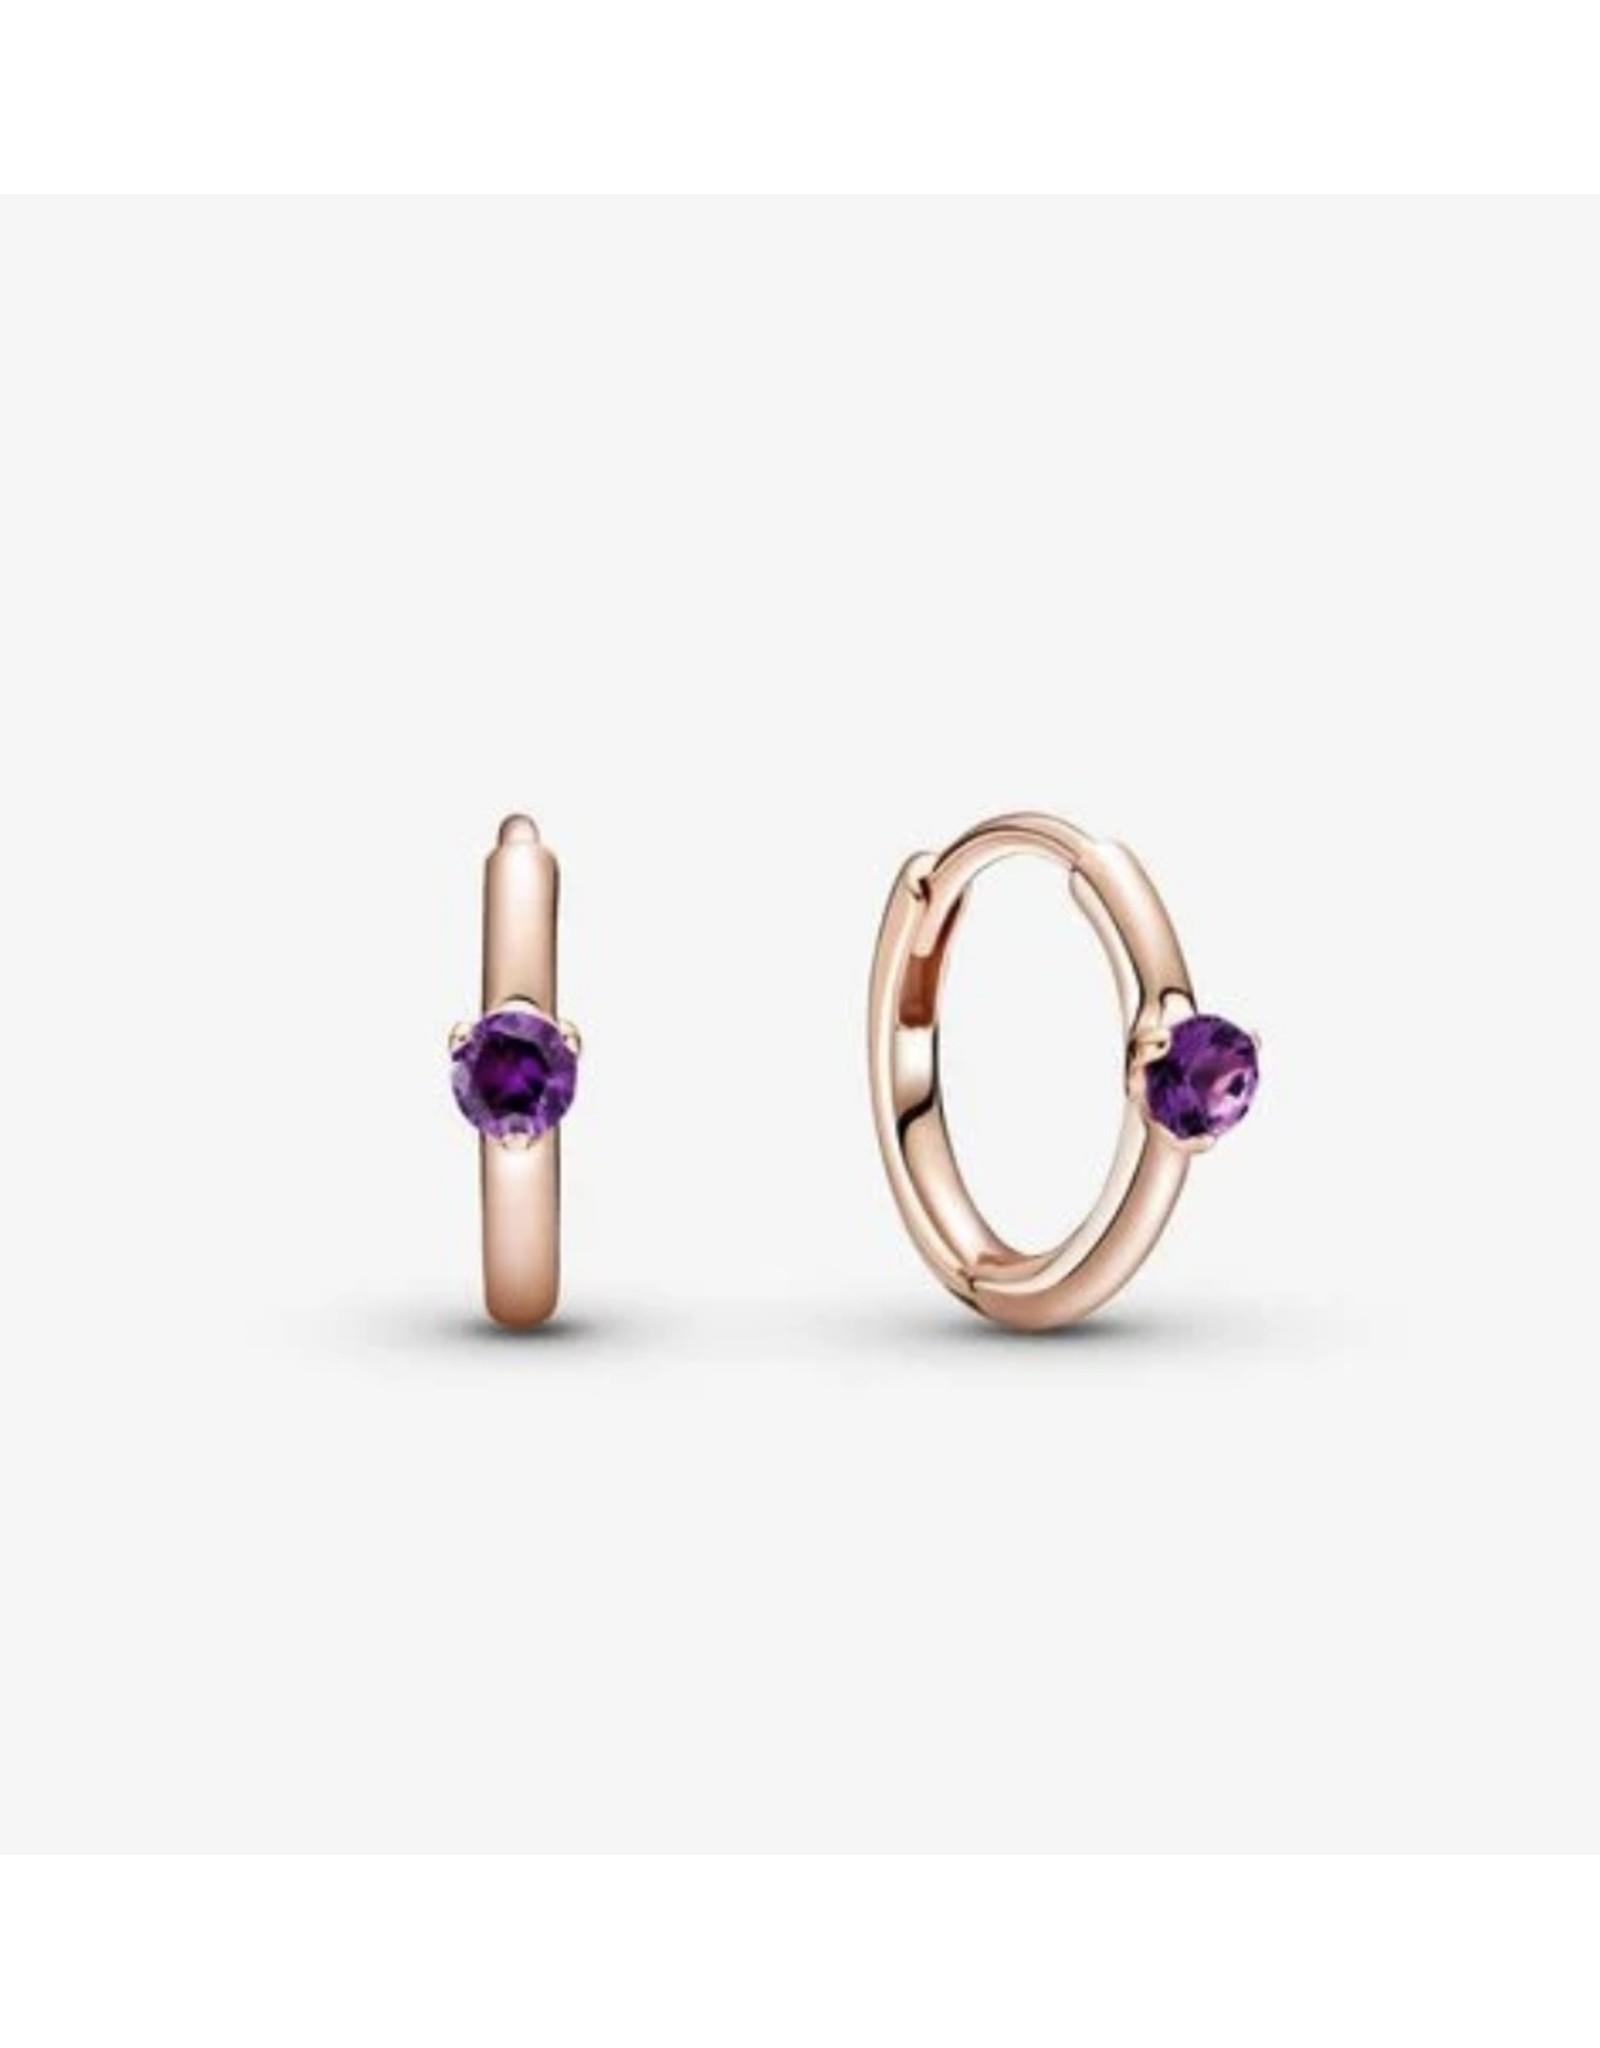 Pandora Pandora Earrings,289304C01, Solitaire Huggie Hoops, Purple Crystal, Rose Gold